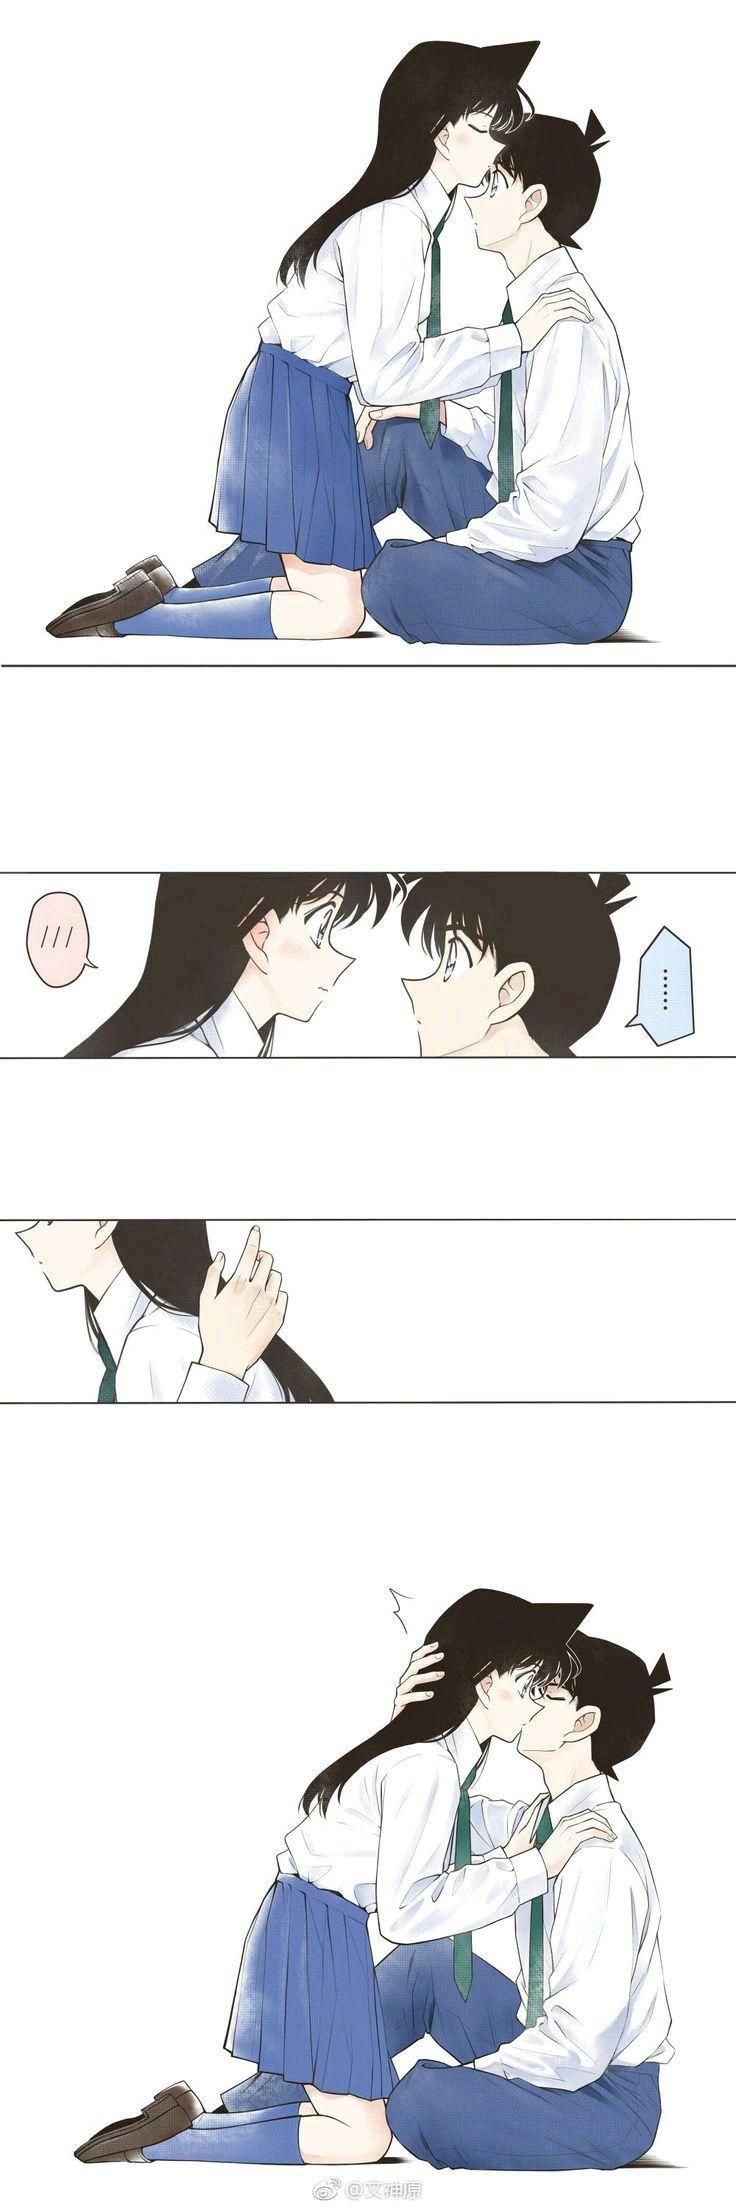 Pin oleh Natsu Fuyu di ShinRan Animasi, Romantis